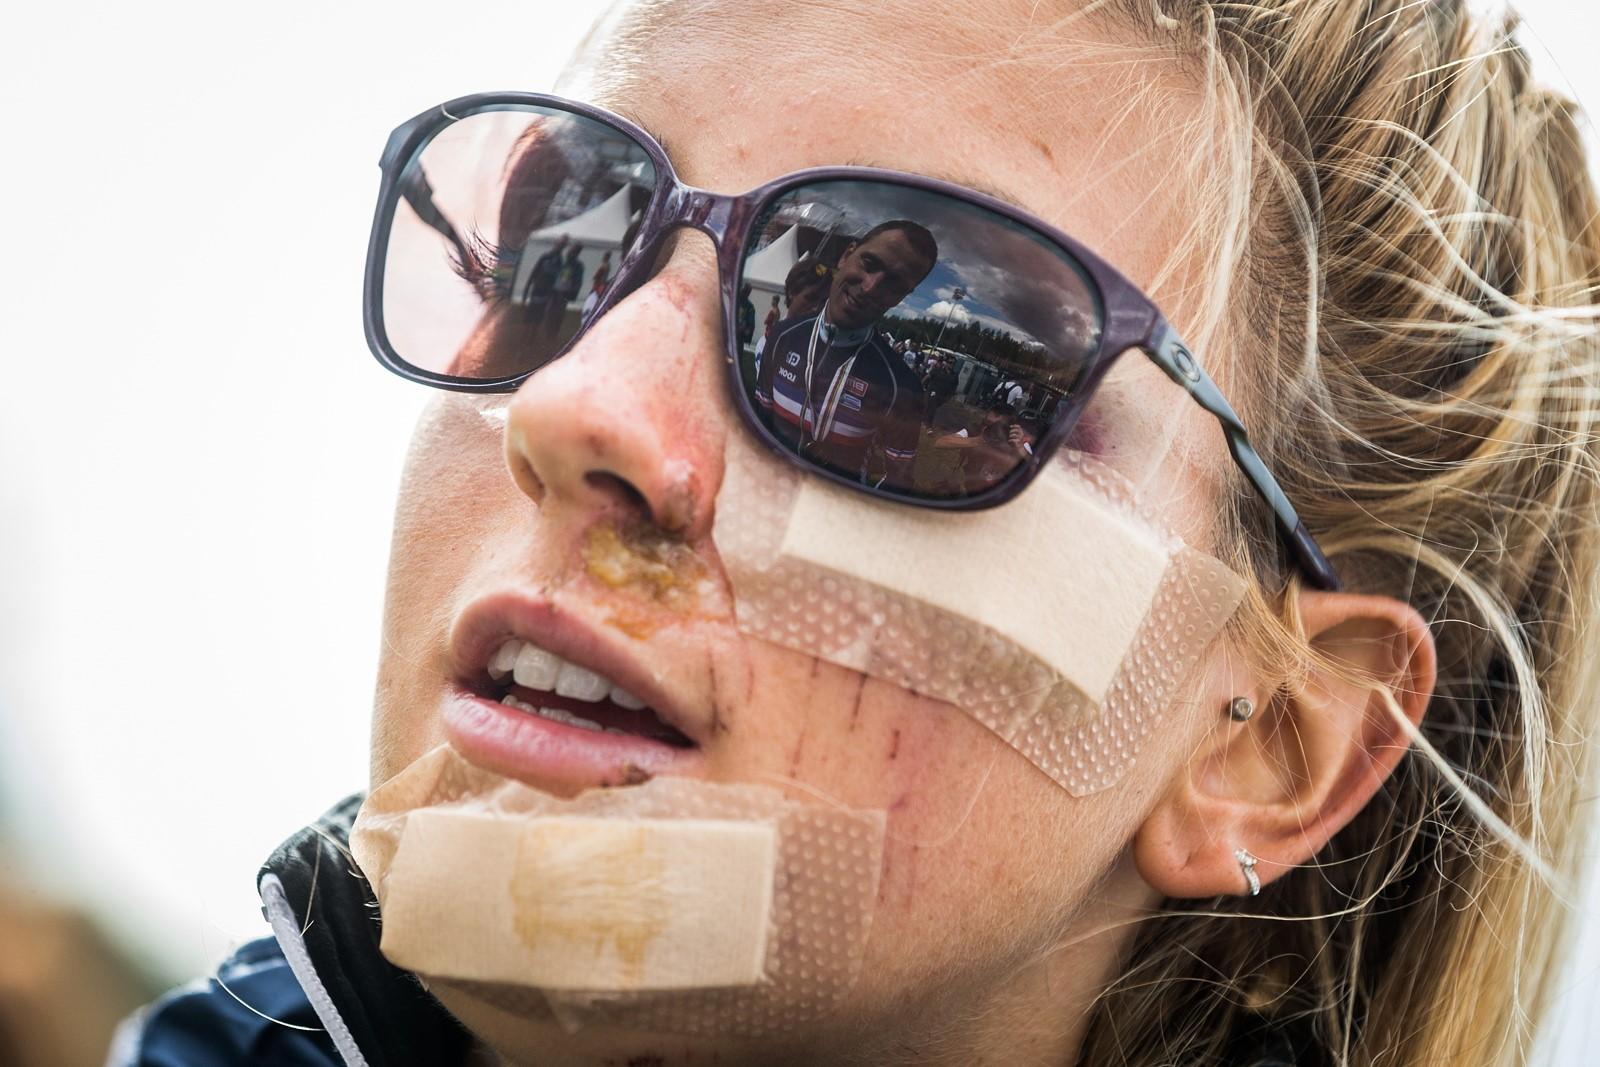 Pauline Ferrand-Prévotová s mnohočetnými odřeninami obličeje po pádu na okruhu v Novém Městě na Moravě. Foto: Michal Červený